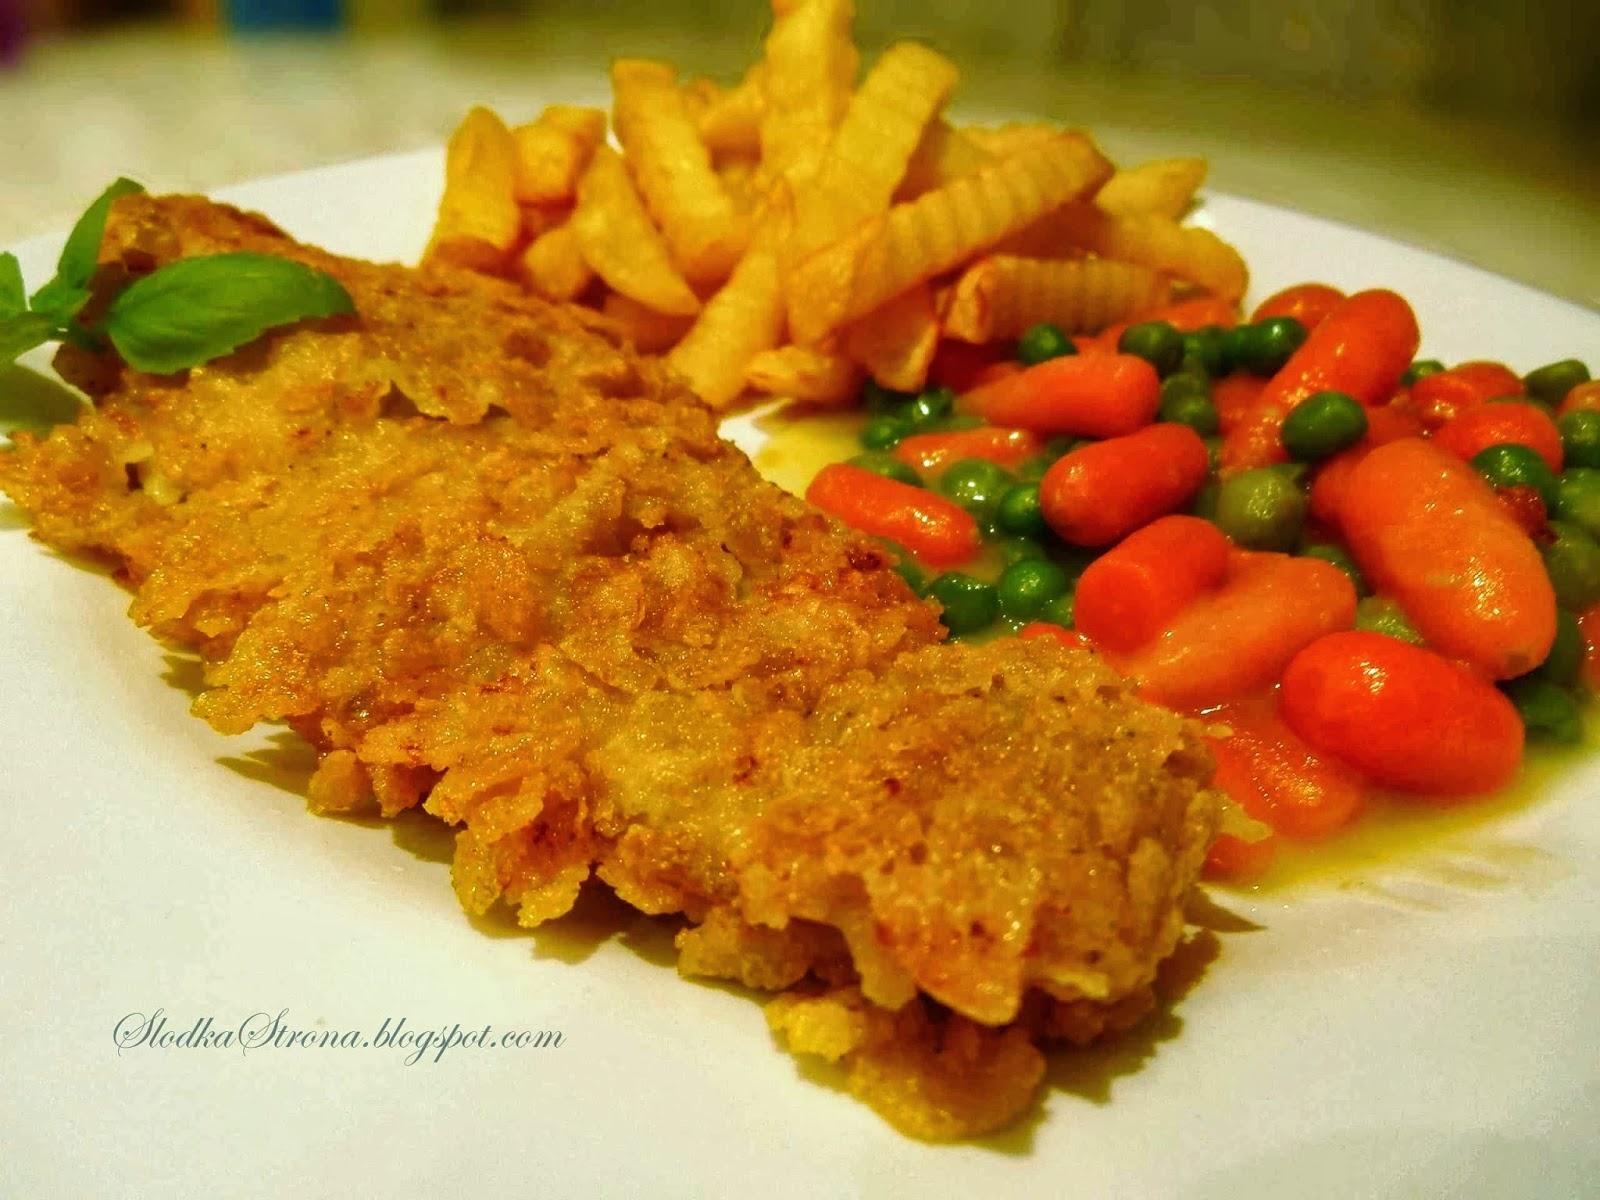 Ryba w Płatkach Kukurydzianych - Przepis - Słodka Strona